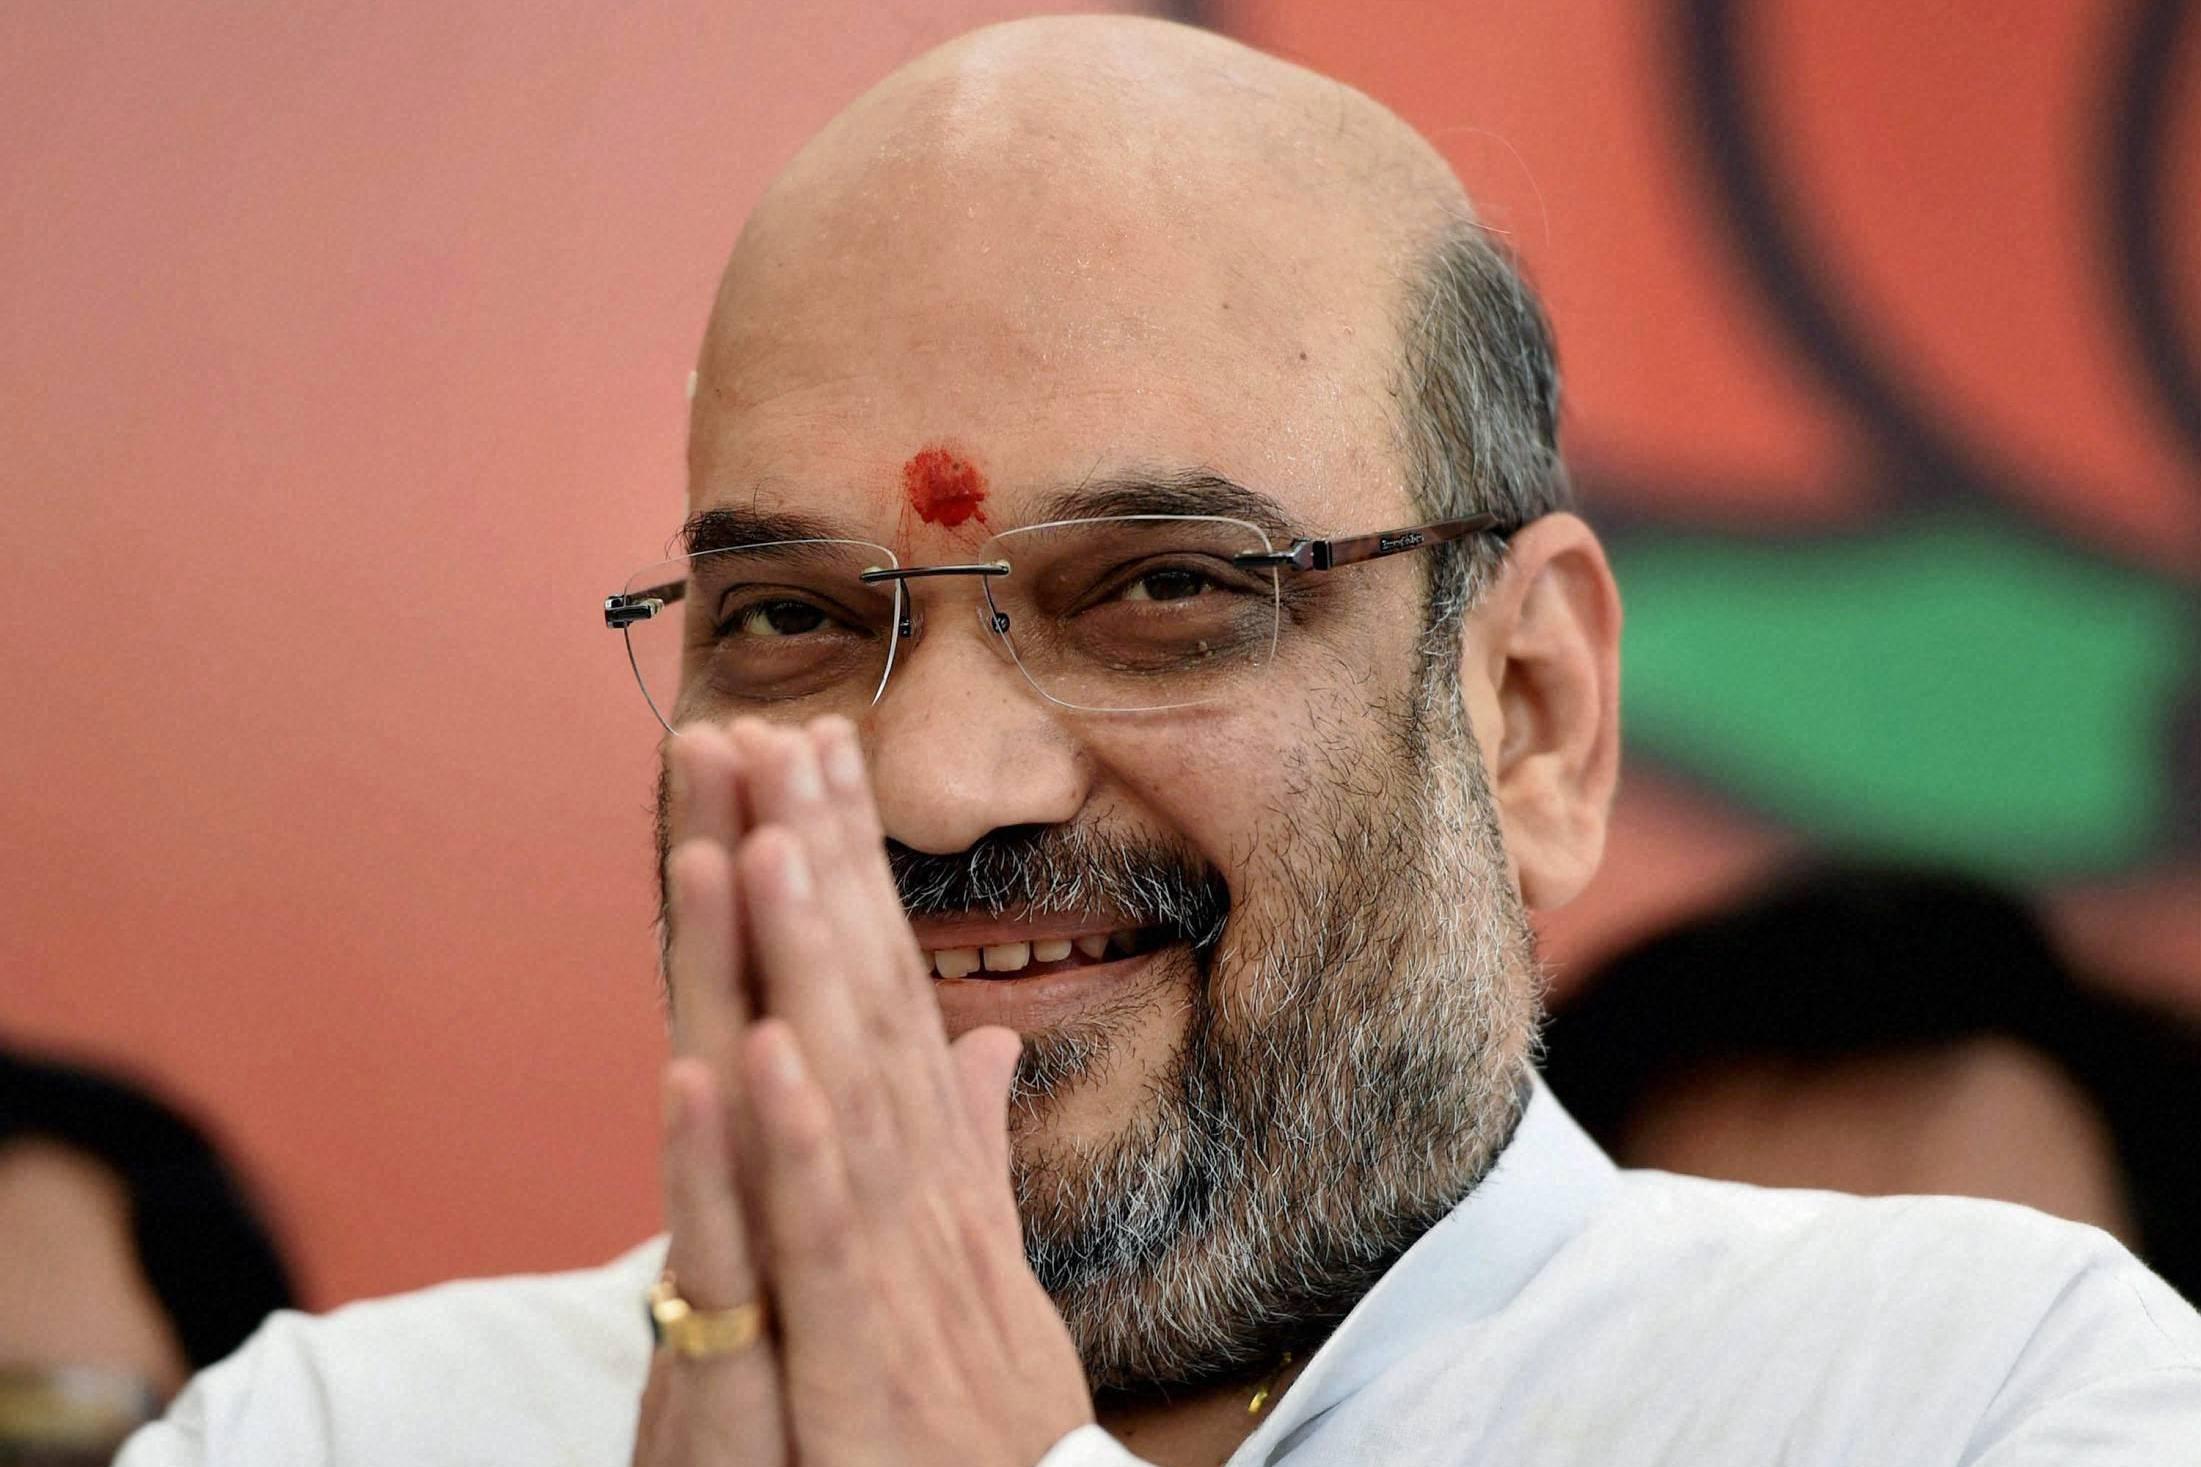 अमित शाह 20 नवंबर को आएंगे चंडीगढ़, कांग्रेसी उनके विरोध में करेंगे कुछ ऐसा